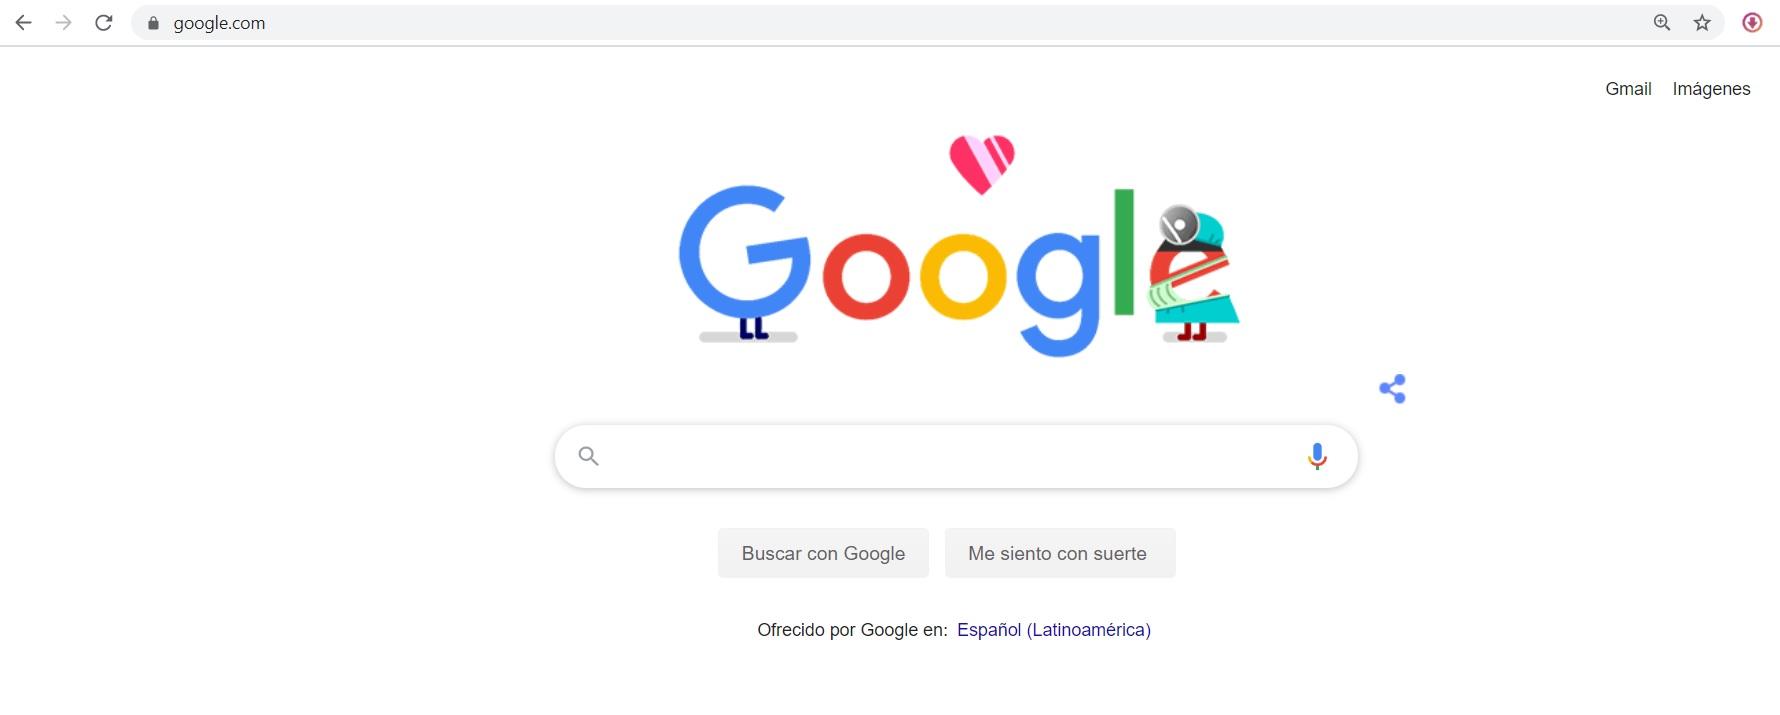 El doodle de hoy busca celebrar el trabajo de enfermeros y médicos de todo el mundo.